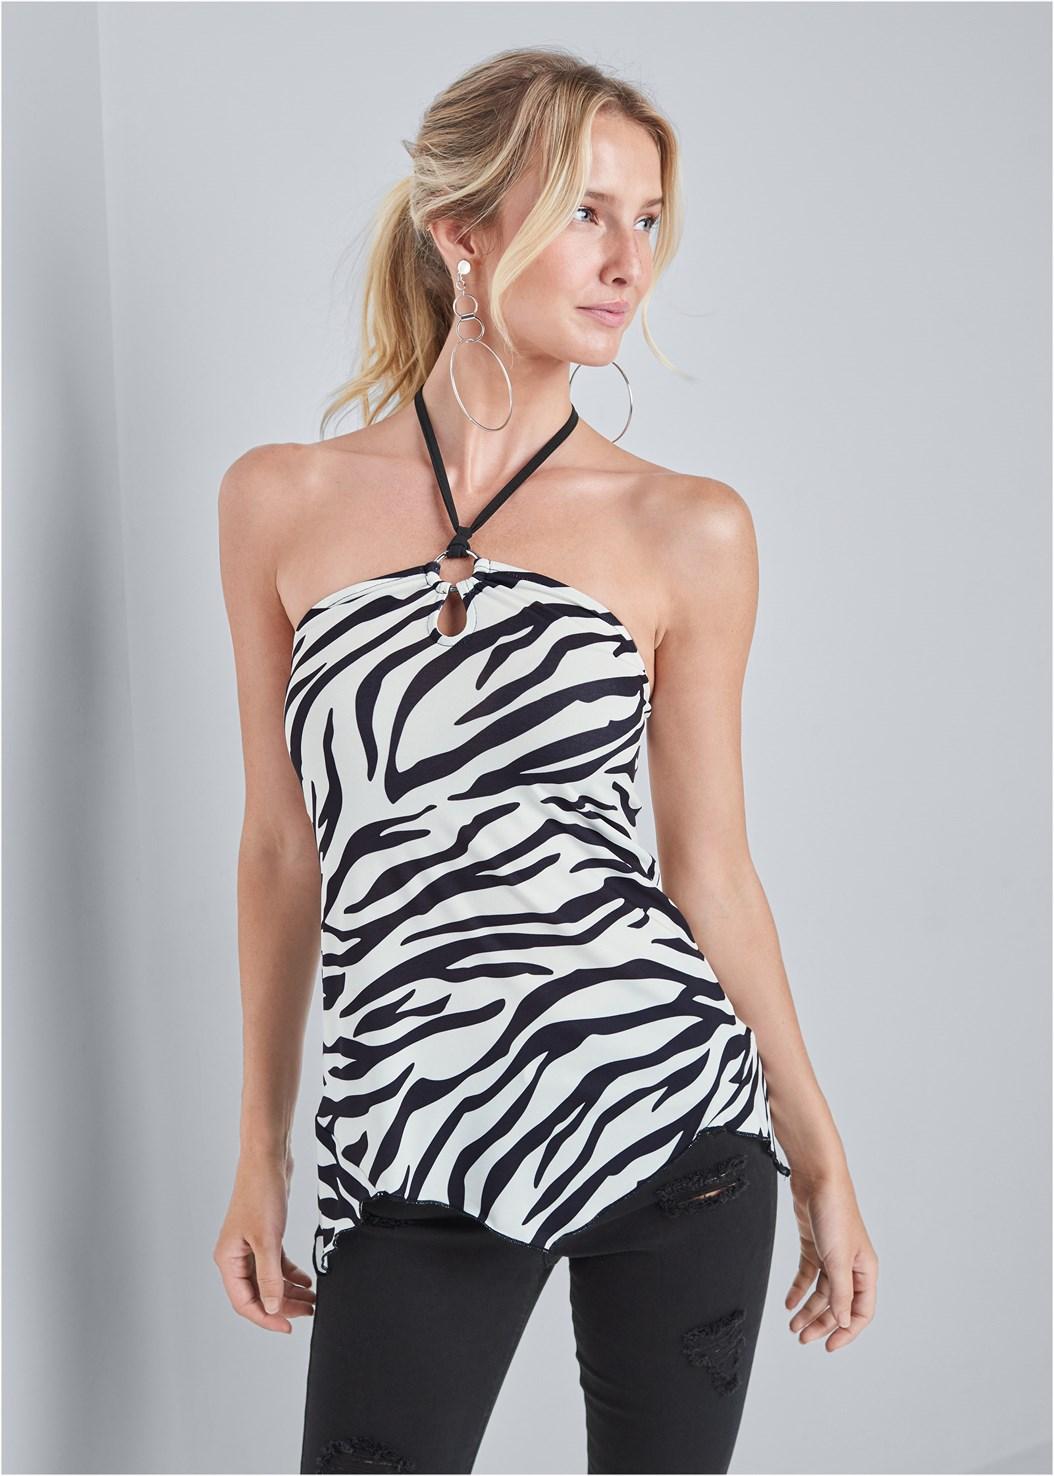 Tiger Print Tie Neck Top